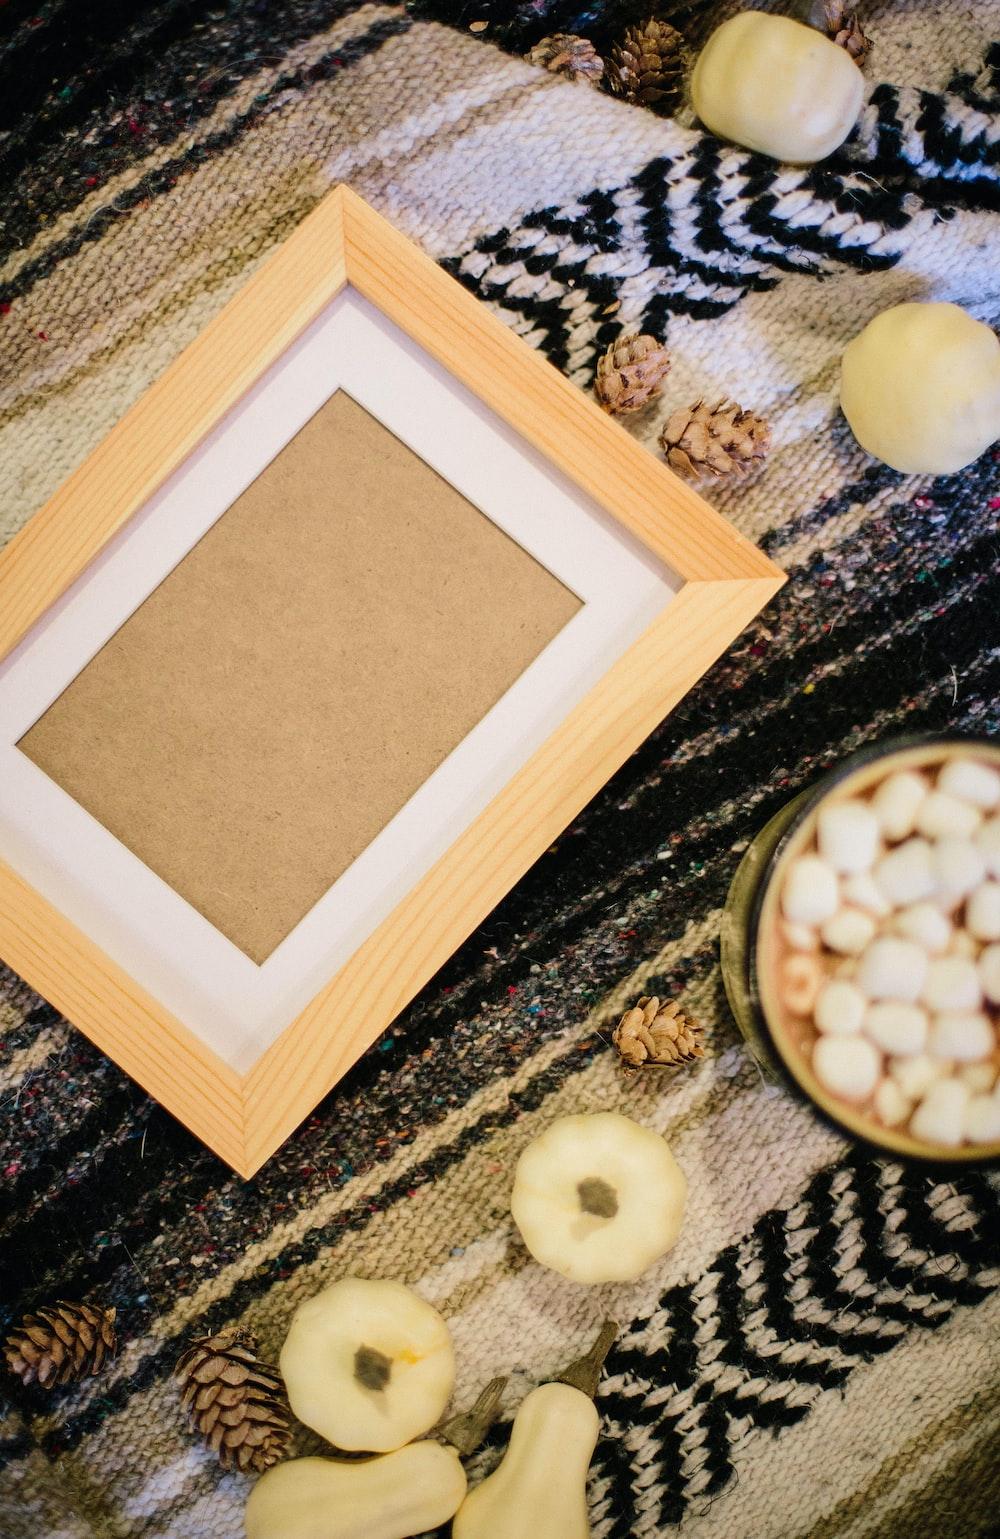 empty photo frame on black textile